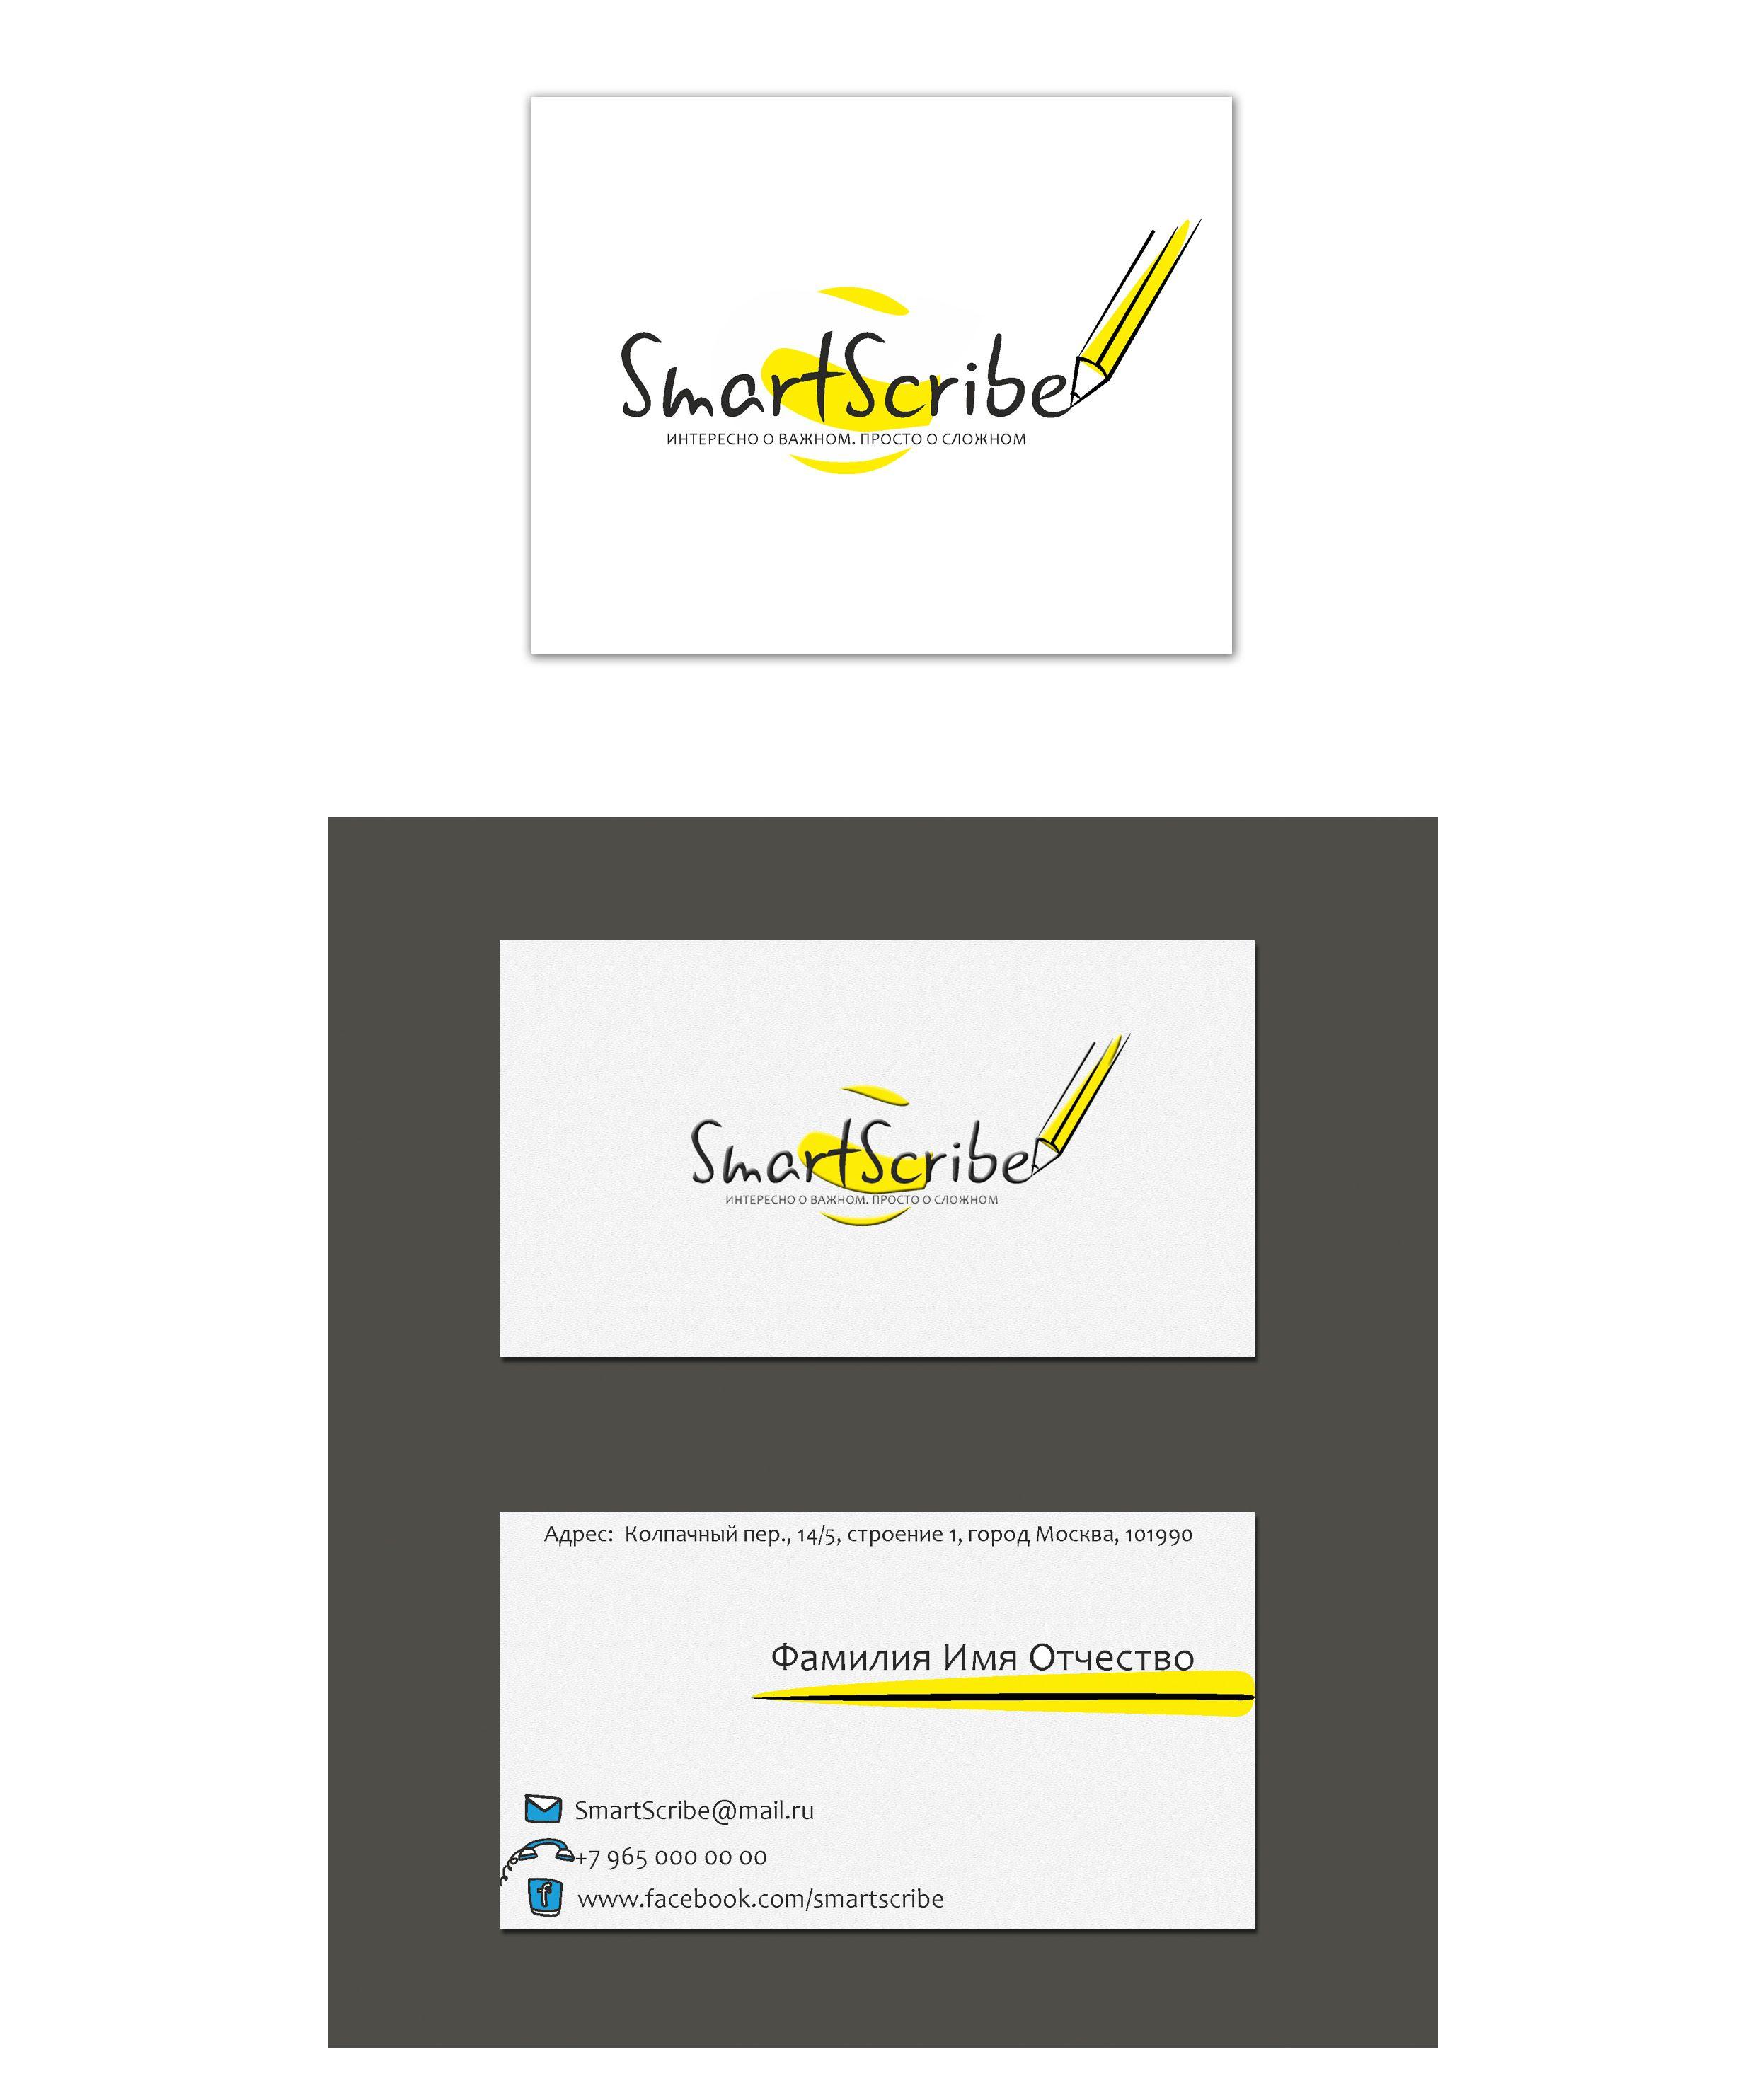 Лого, визитка и шаблон презентации для SmartScribe - дизайнер innaveilert